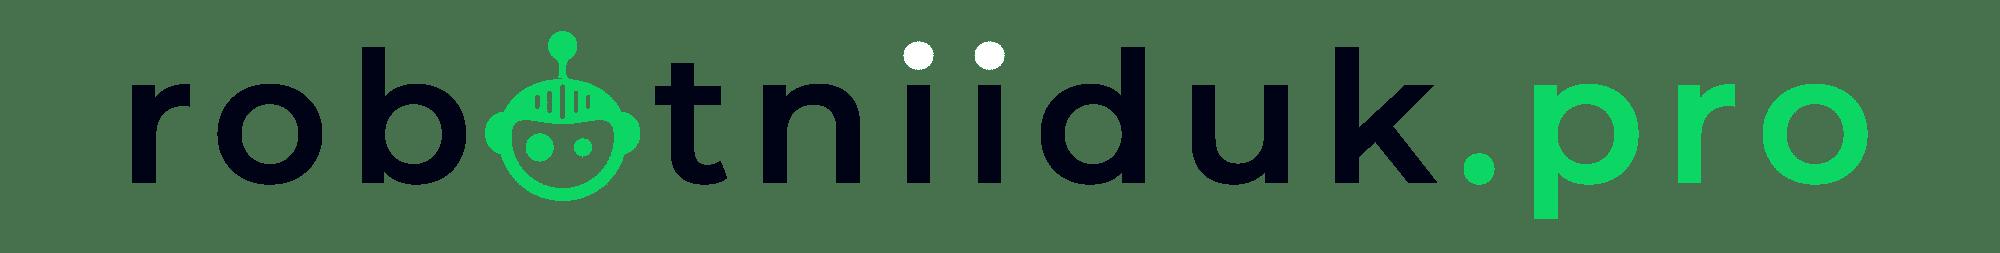 robotniidukpro logo